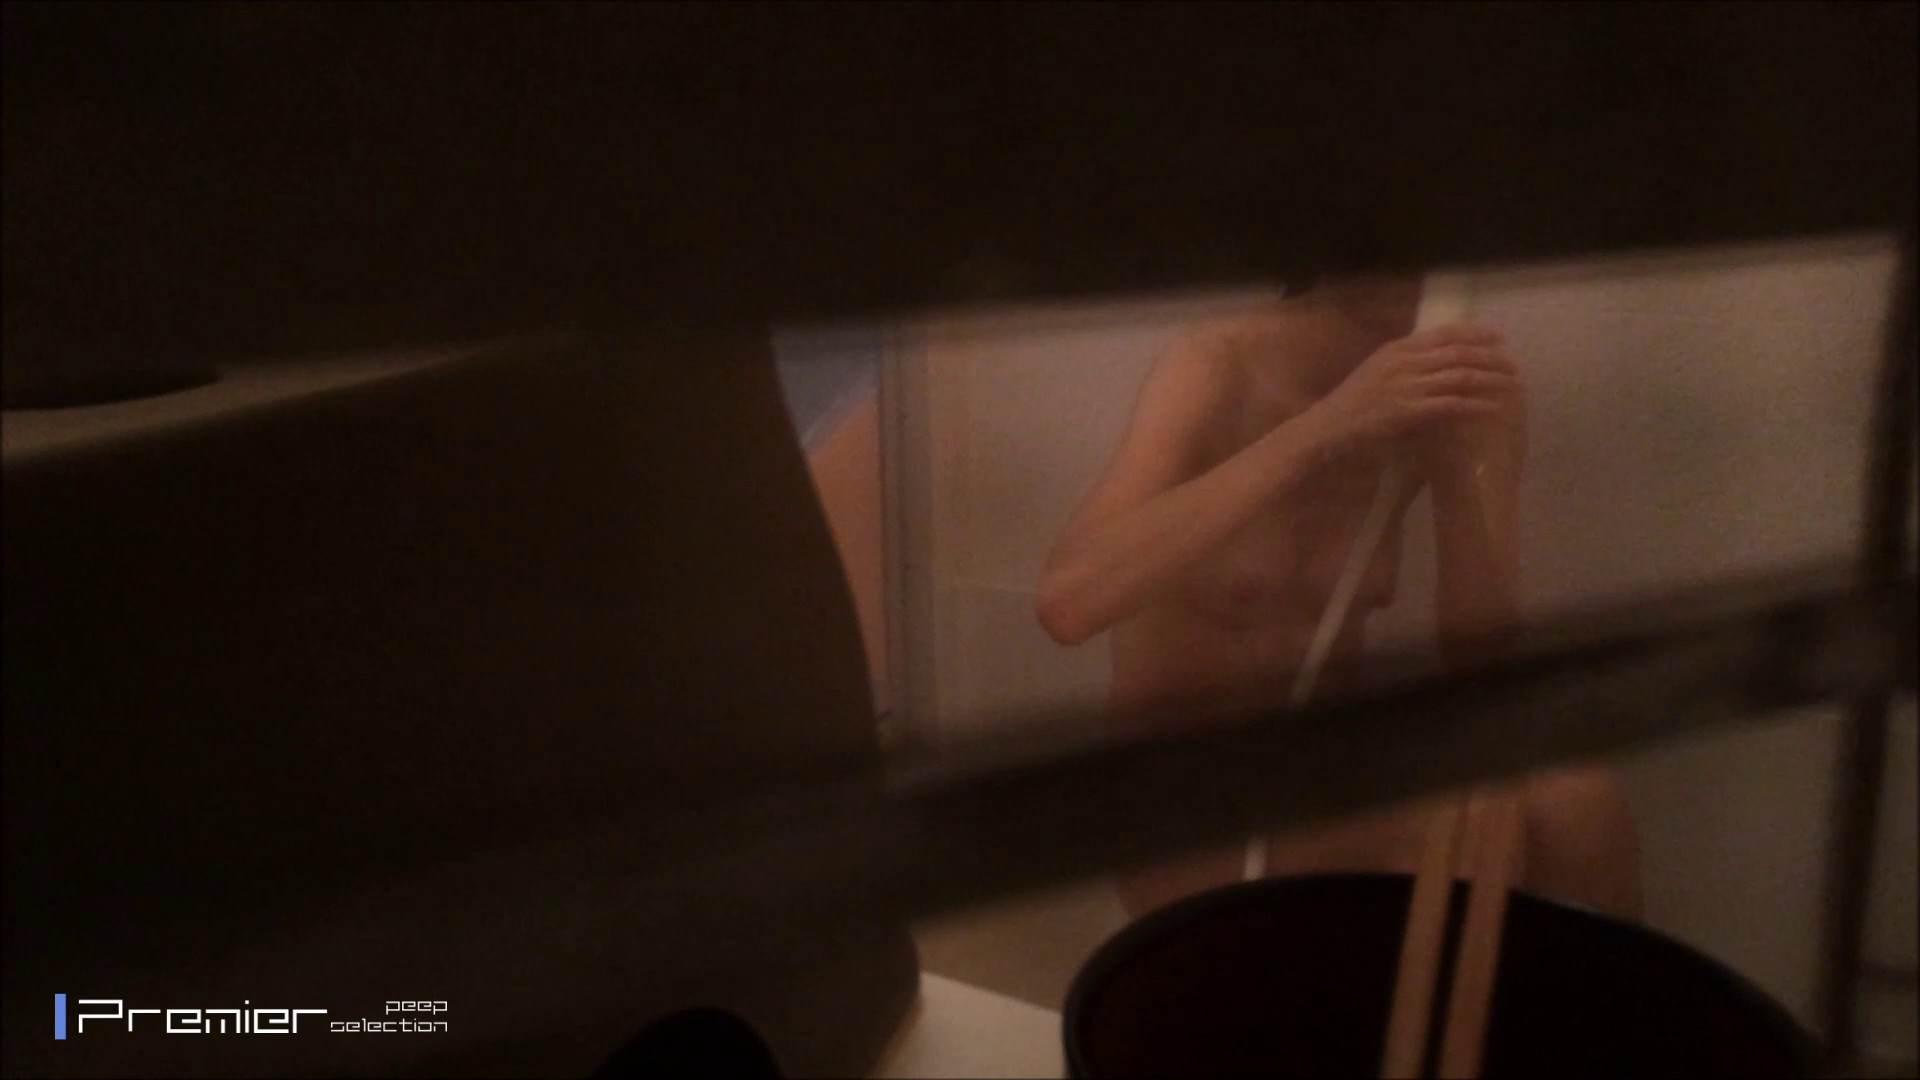 高画質フルハイビジョン スレンダー美女の入浴 乙女の風呂場 Vol.04 入浴中 盗撮 75画像 30